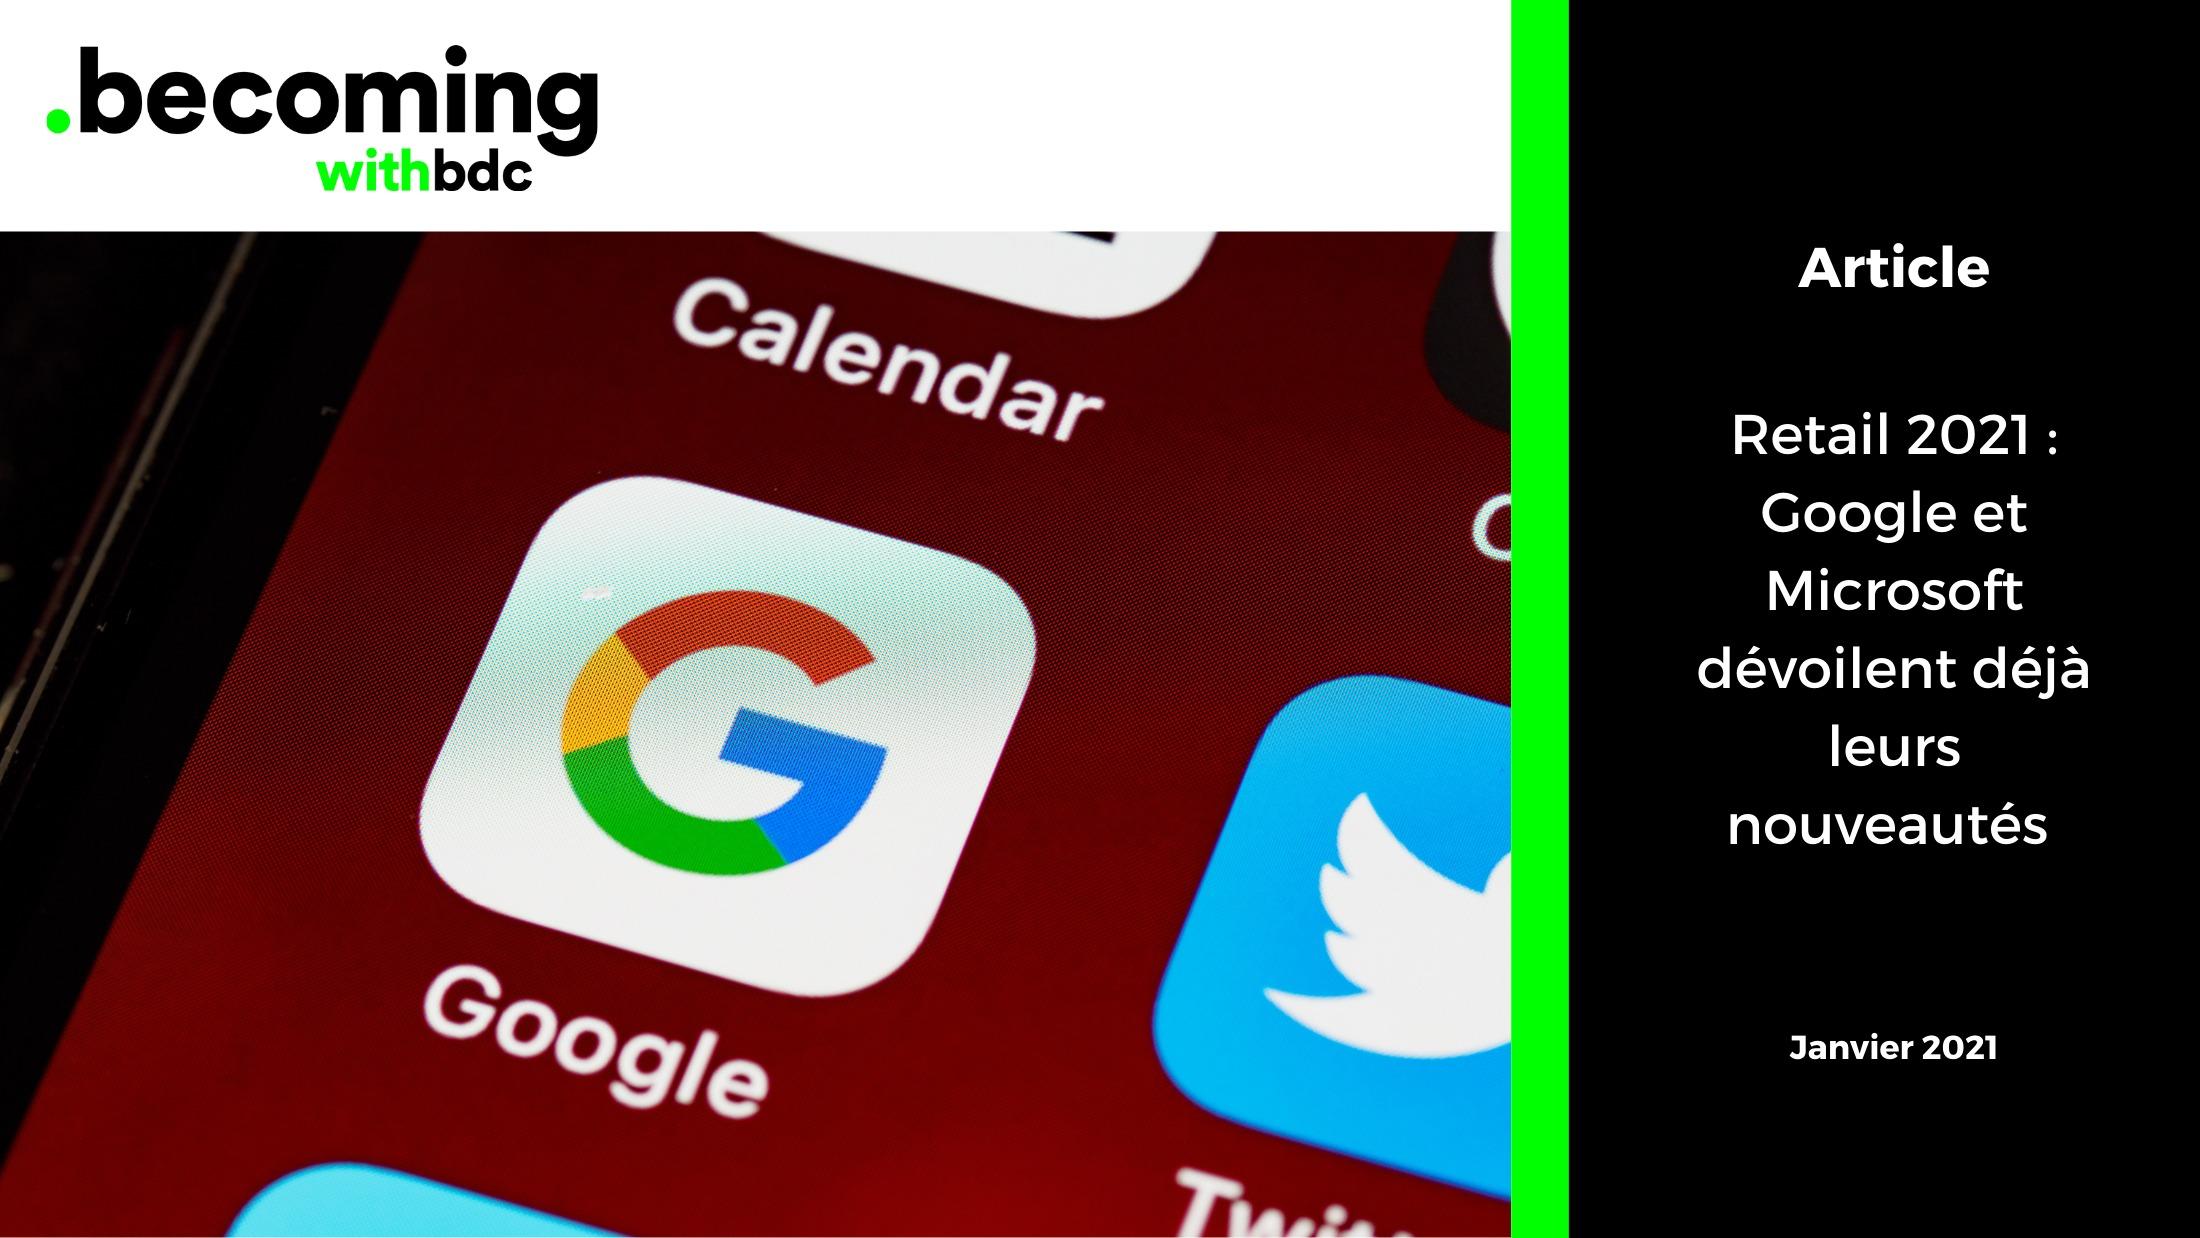 Visuels Reseaux sociaux B.D.C. 1 1 - Retail 2021 : Google et Microsoft dévoilent déjà leurs nouveautés